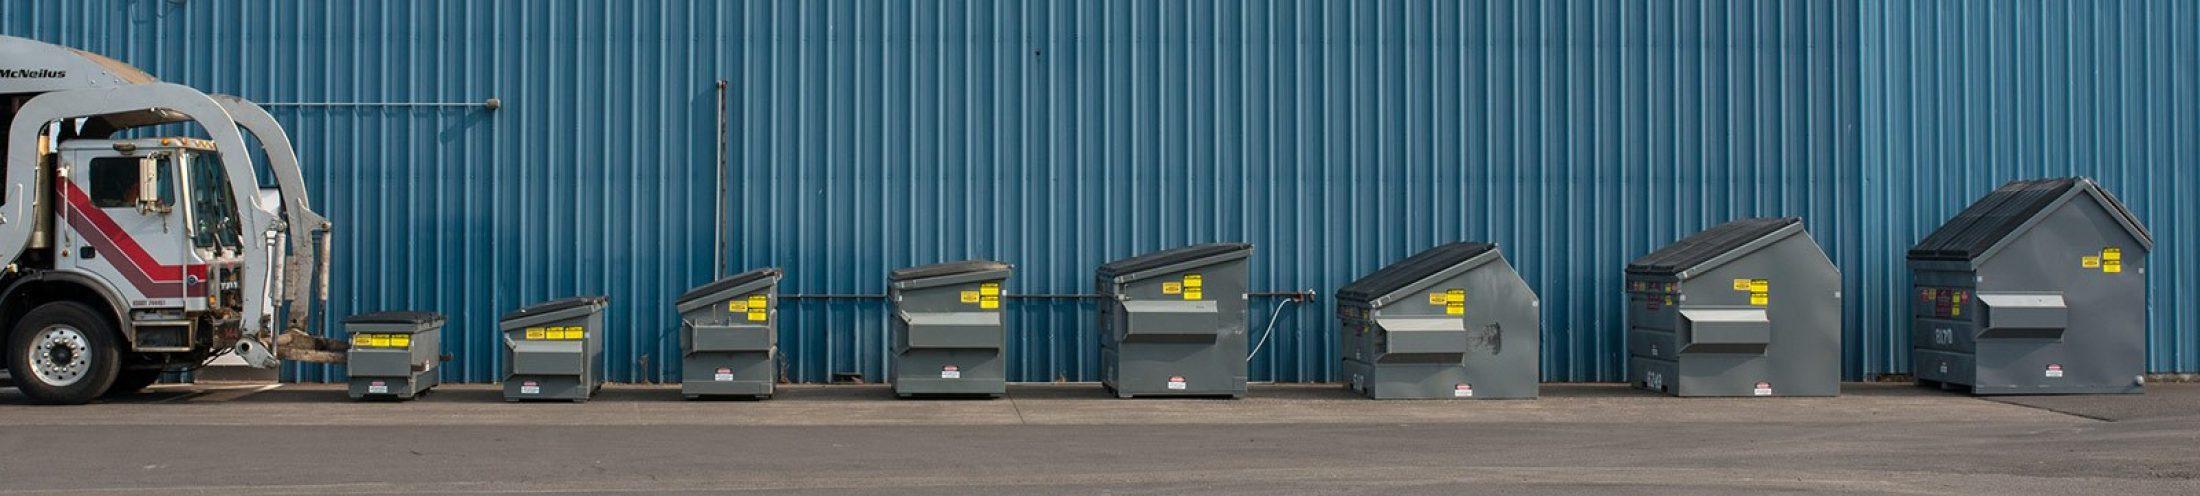 Photo Services Biz Garbage Sizes